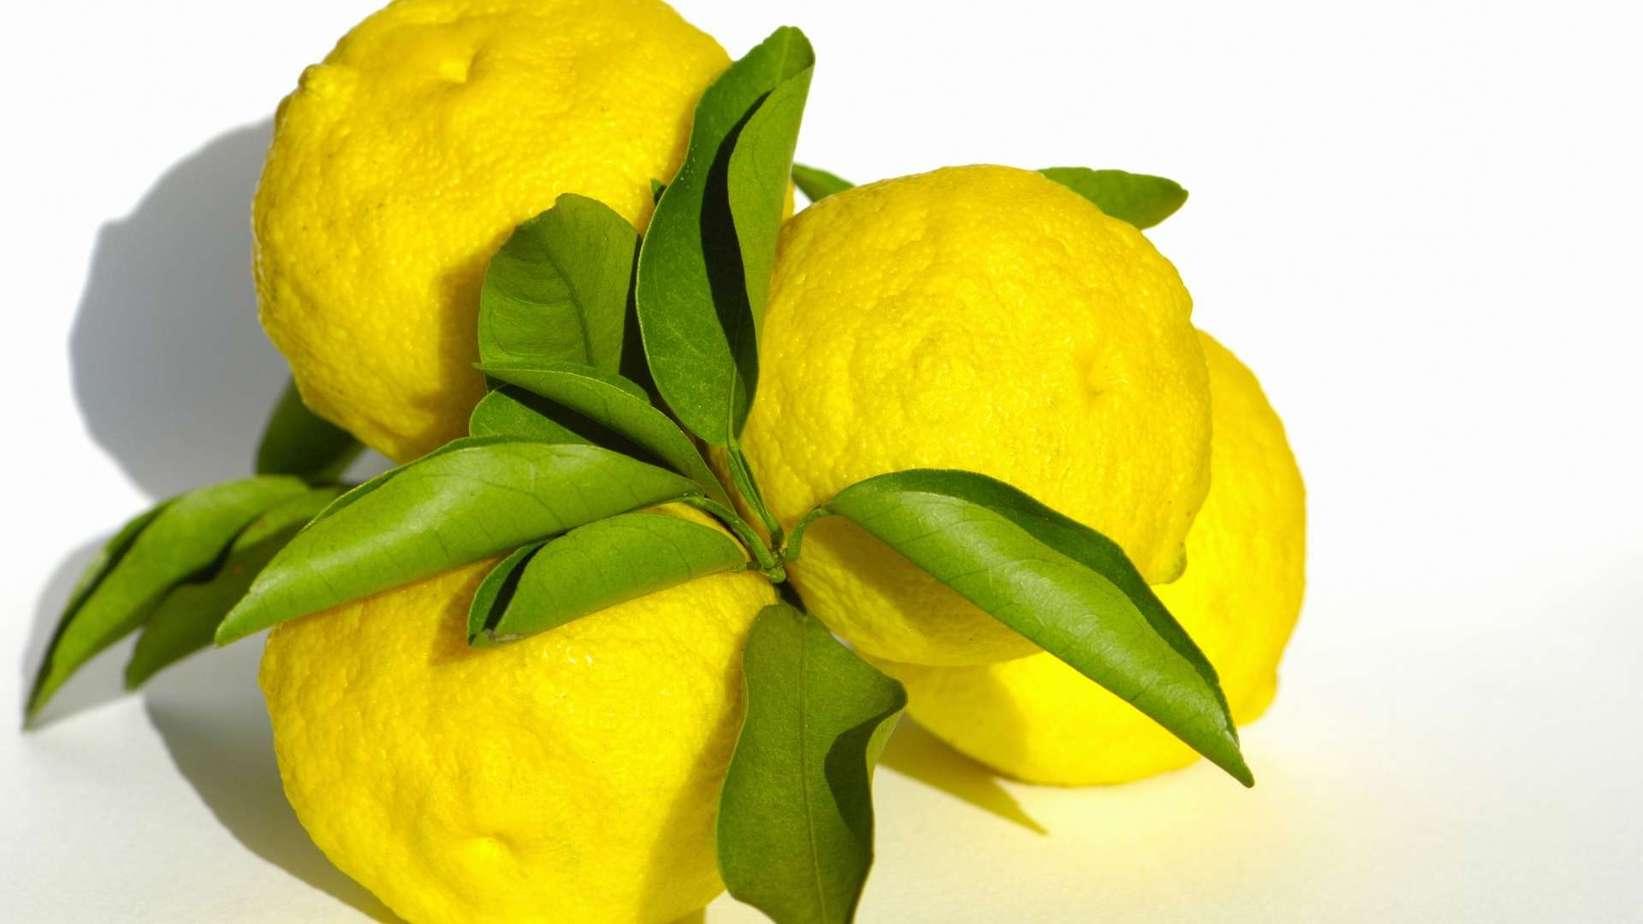 Yemenite Citron